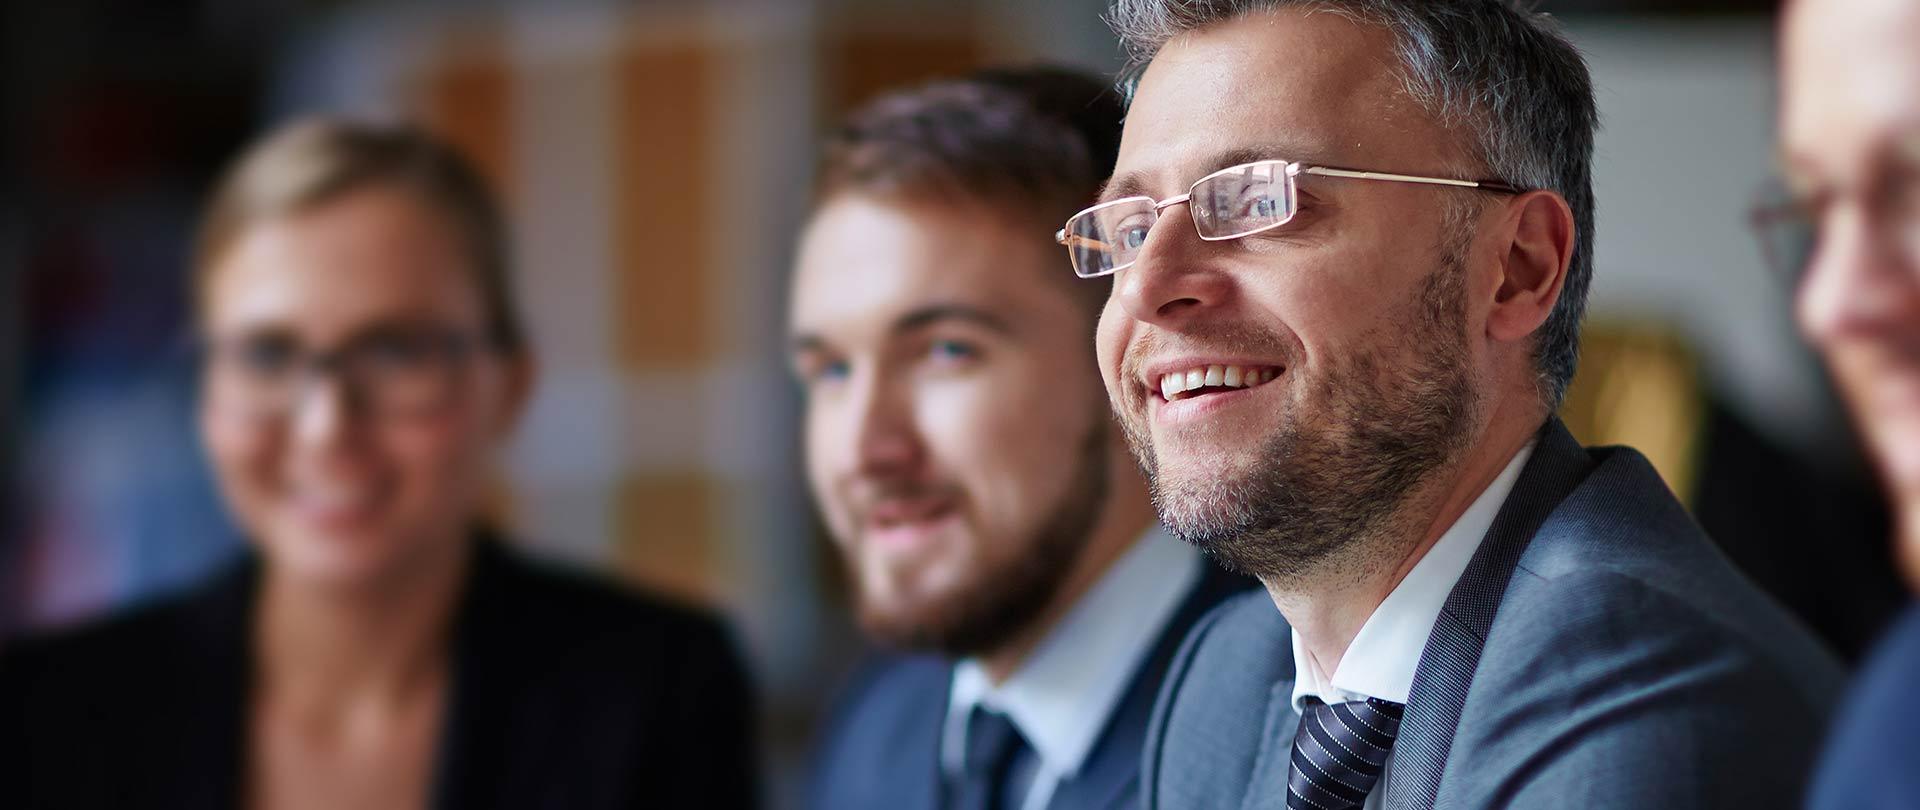 ייעוץ וליווי משפטי לתאגידים וליחידים